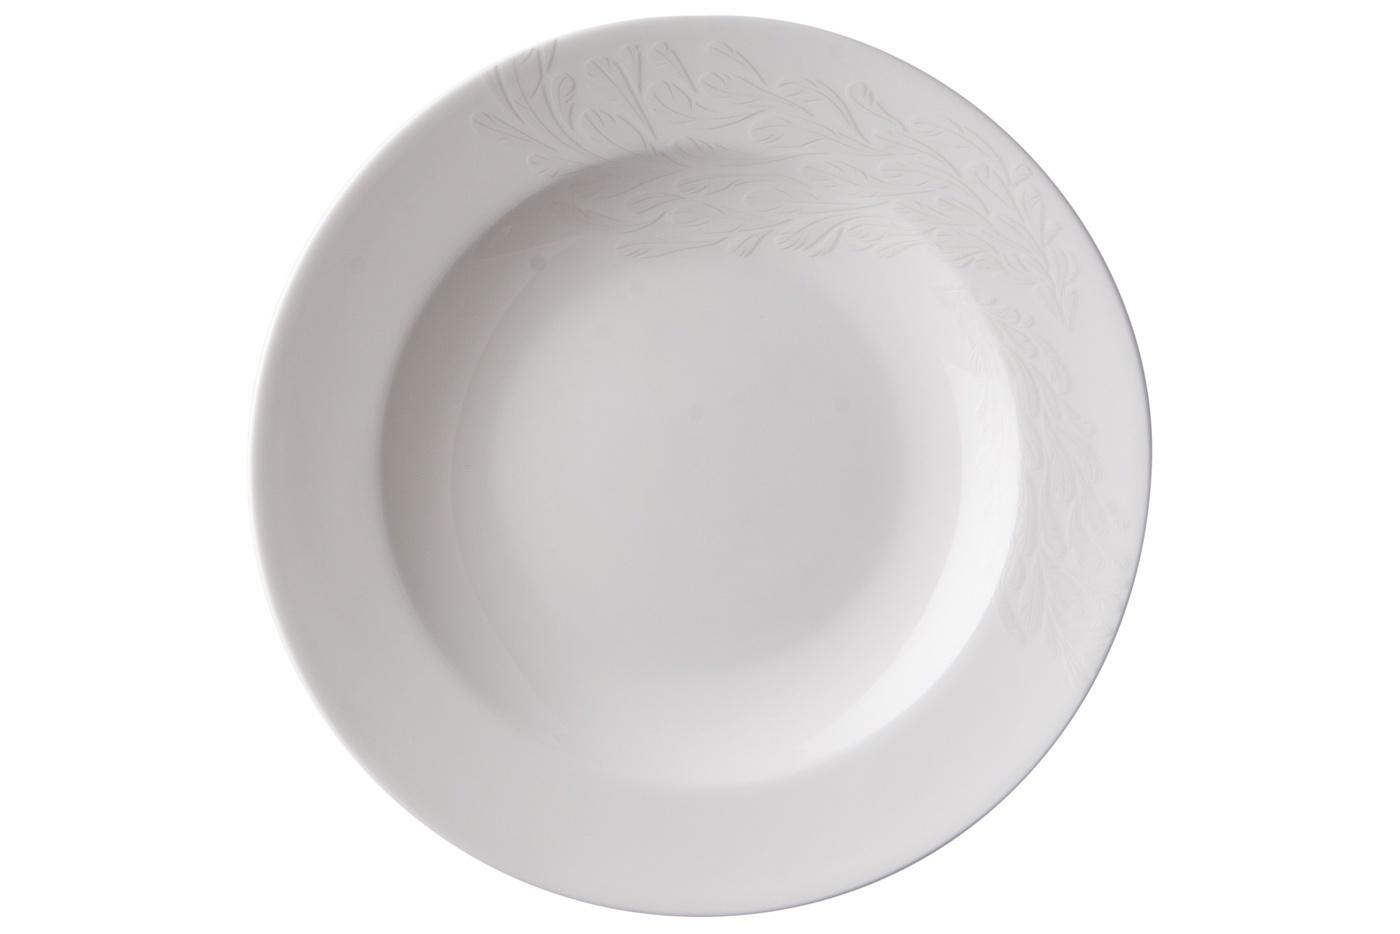 Набор из 6 тарелок Royal Aurel Феникс (20см) арт.536Наборы тарелок<br>Набор из 6 тарелок Royal Aurel Феникс (20см) арт.536<br>Производить посуду из фарфора начали в Китае на стыке 6-7 веков. Неустанно совершенствуя и селективно отбирая сырье для производства посуды из фарфора, мастерам удалось добиться выдающихся характеристик фарфора: белизны и тонкостенности. В XV веке появился особый интерес к китайской фарфоровой посуде, так как в это время Европе возникла мода на самобытные китайские вещи. Роскошный китайский фарфор являлся изыском и был в новинку, поэтому он выступал в качестве подарка королям, а также знатным людям. Такой дорогой подарок был очень престижен и по праву являлся элитной посудой. Как известно из многочисленных исторических документов, в Европе китайские изделия из фарфора ценились практически как золото. <br>Проверка изделий из костяного фарфора на подлинность <br>По сравнению с производством других видов фарфора процесс производства изделий из настоящего костяного фарфора сложен и весьма длителен. Посуда из изящного фарфора - это элитная посуда, которая всегда ассоциируется с богатством, величием и благородством. Несмотря на небольшую толщину, фарфоровая посуда - это очень прочное изделие. Для демонстрации плотности и прочности фарфора можно легко коснуться предметов посуды из фарфора деревянной палочкой, и тогда мы услушим характерный металлический звон. В составе фарфоровой посуды присутствует костяная зола, благодаря чему она может быть намного тоньше (не более 2,5 мм) и легче твердого или мягкого фарфора. Безупречная белизна - ключевой признак отличия такого фарфора от других. Цвет обычного фарфора сероватый или ближе к голубоватому, а костяной фарфор будет всегда будет молочно-белого цвета. Характерная и немаловажная деталь - это невесомая прозрачность изделий из фарфора такая, что сквозь него проходит свет.<br>